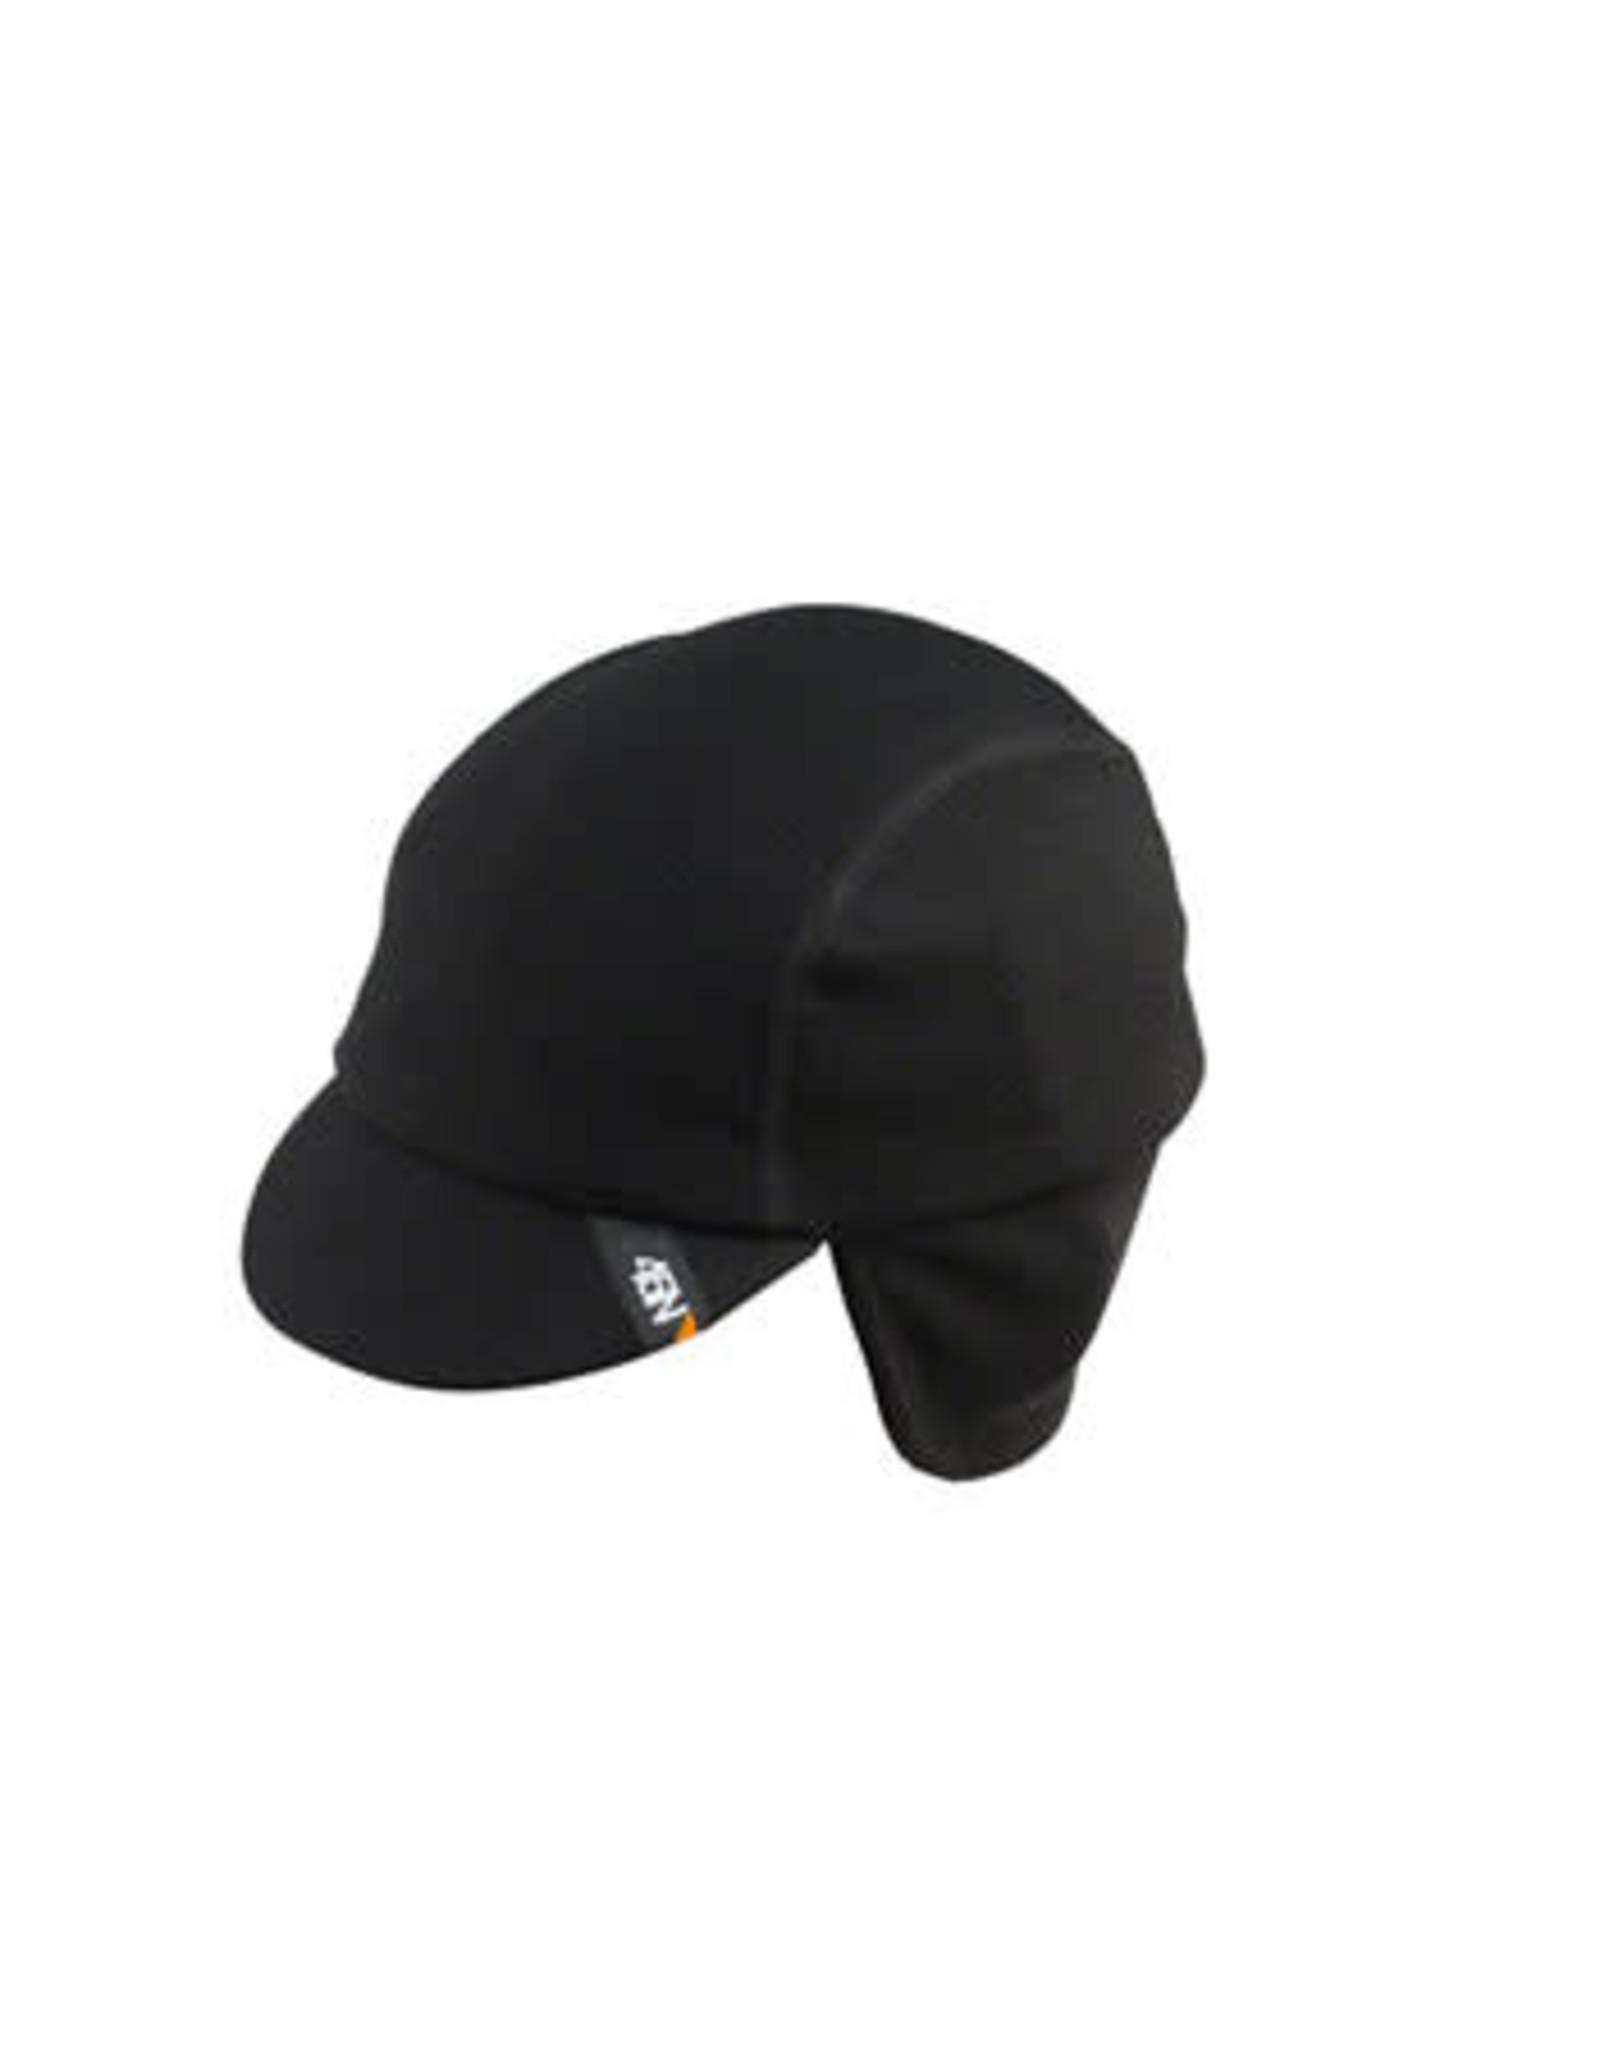 45NRTH 45NRTH Greazy Cycling Cap: Black SM/MD